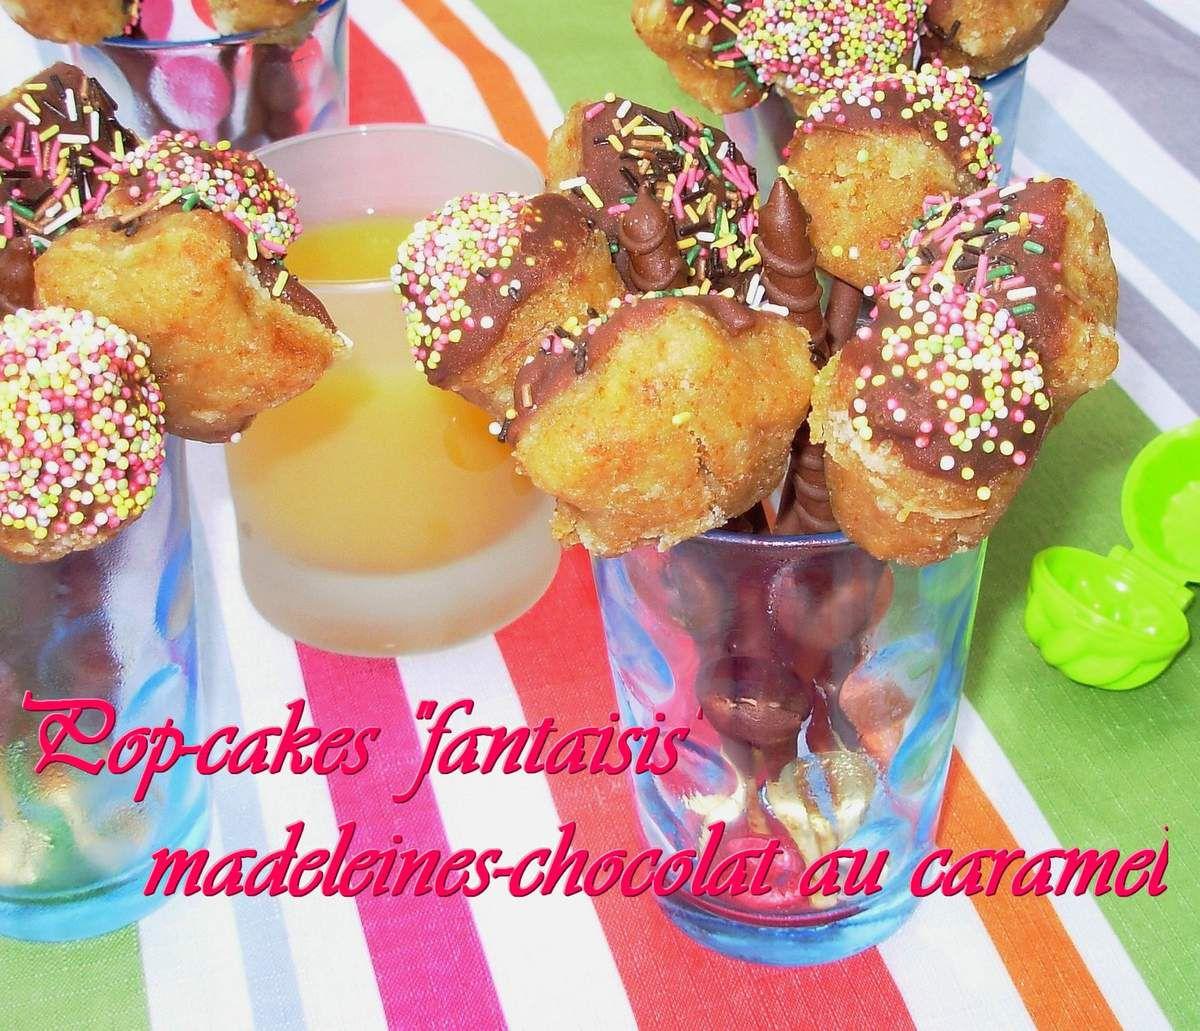 Pop-cakes &quot&#x3B;fantaisis&quot&#x3B; aux madeleines et au chocolat au caramel